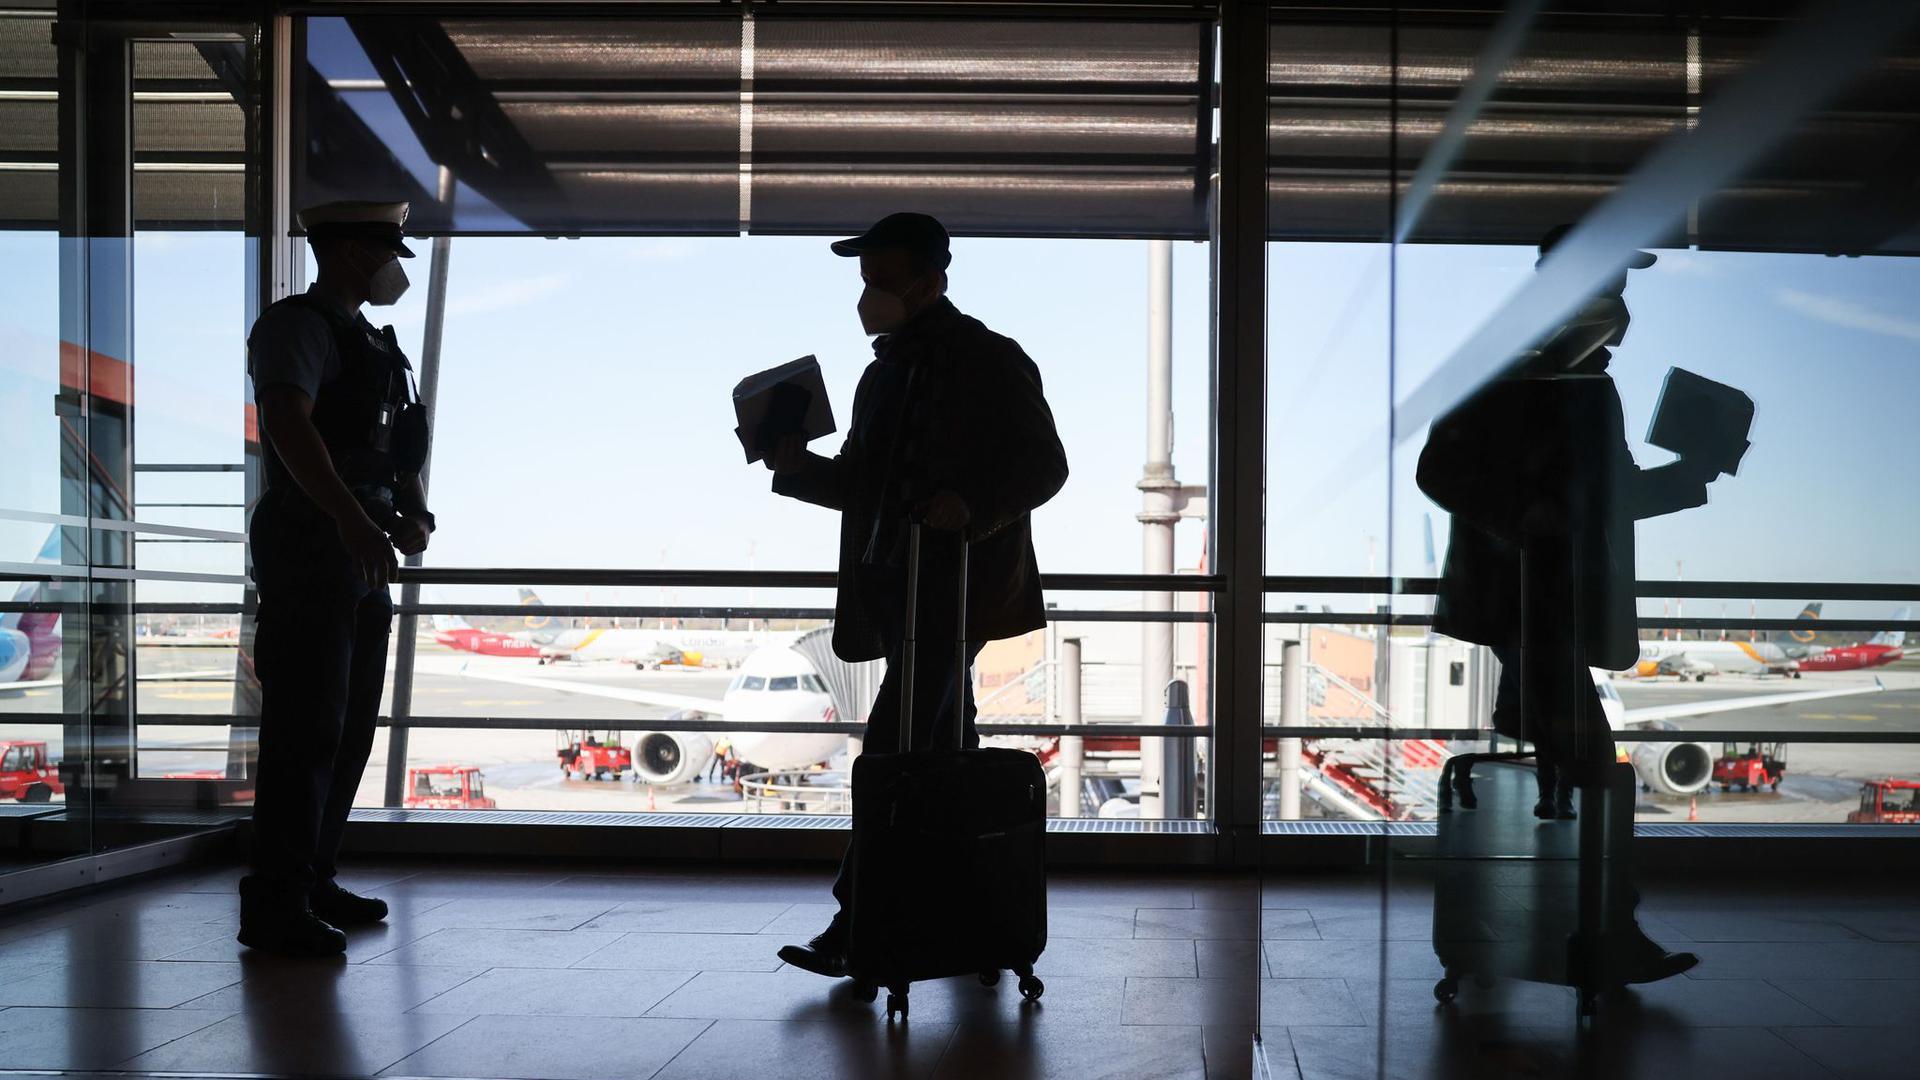 Die EU will die Einreisebeschränkungen lockern (Archivbild).